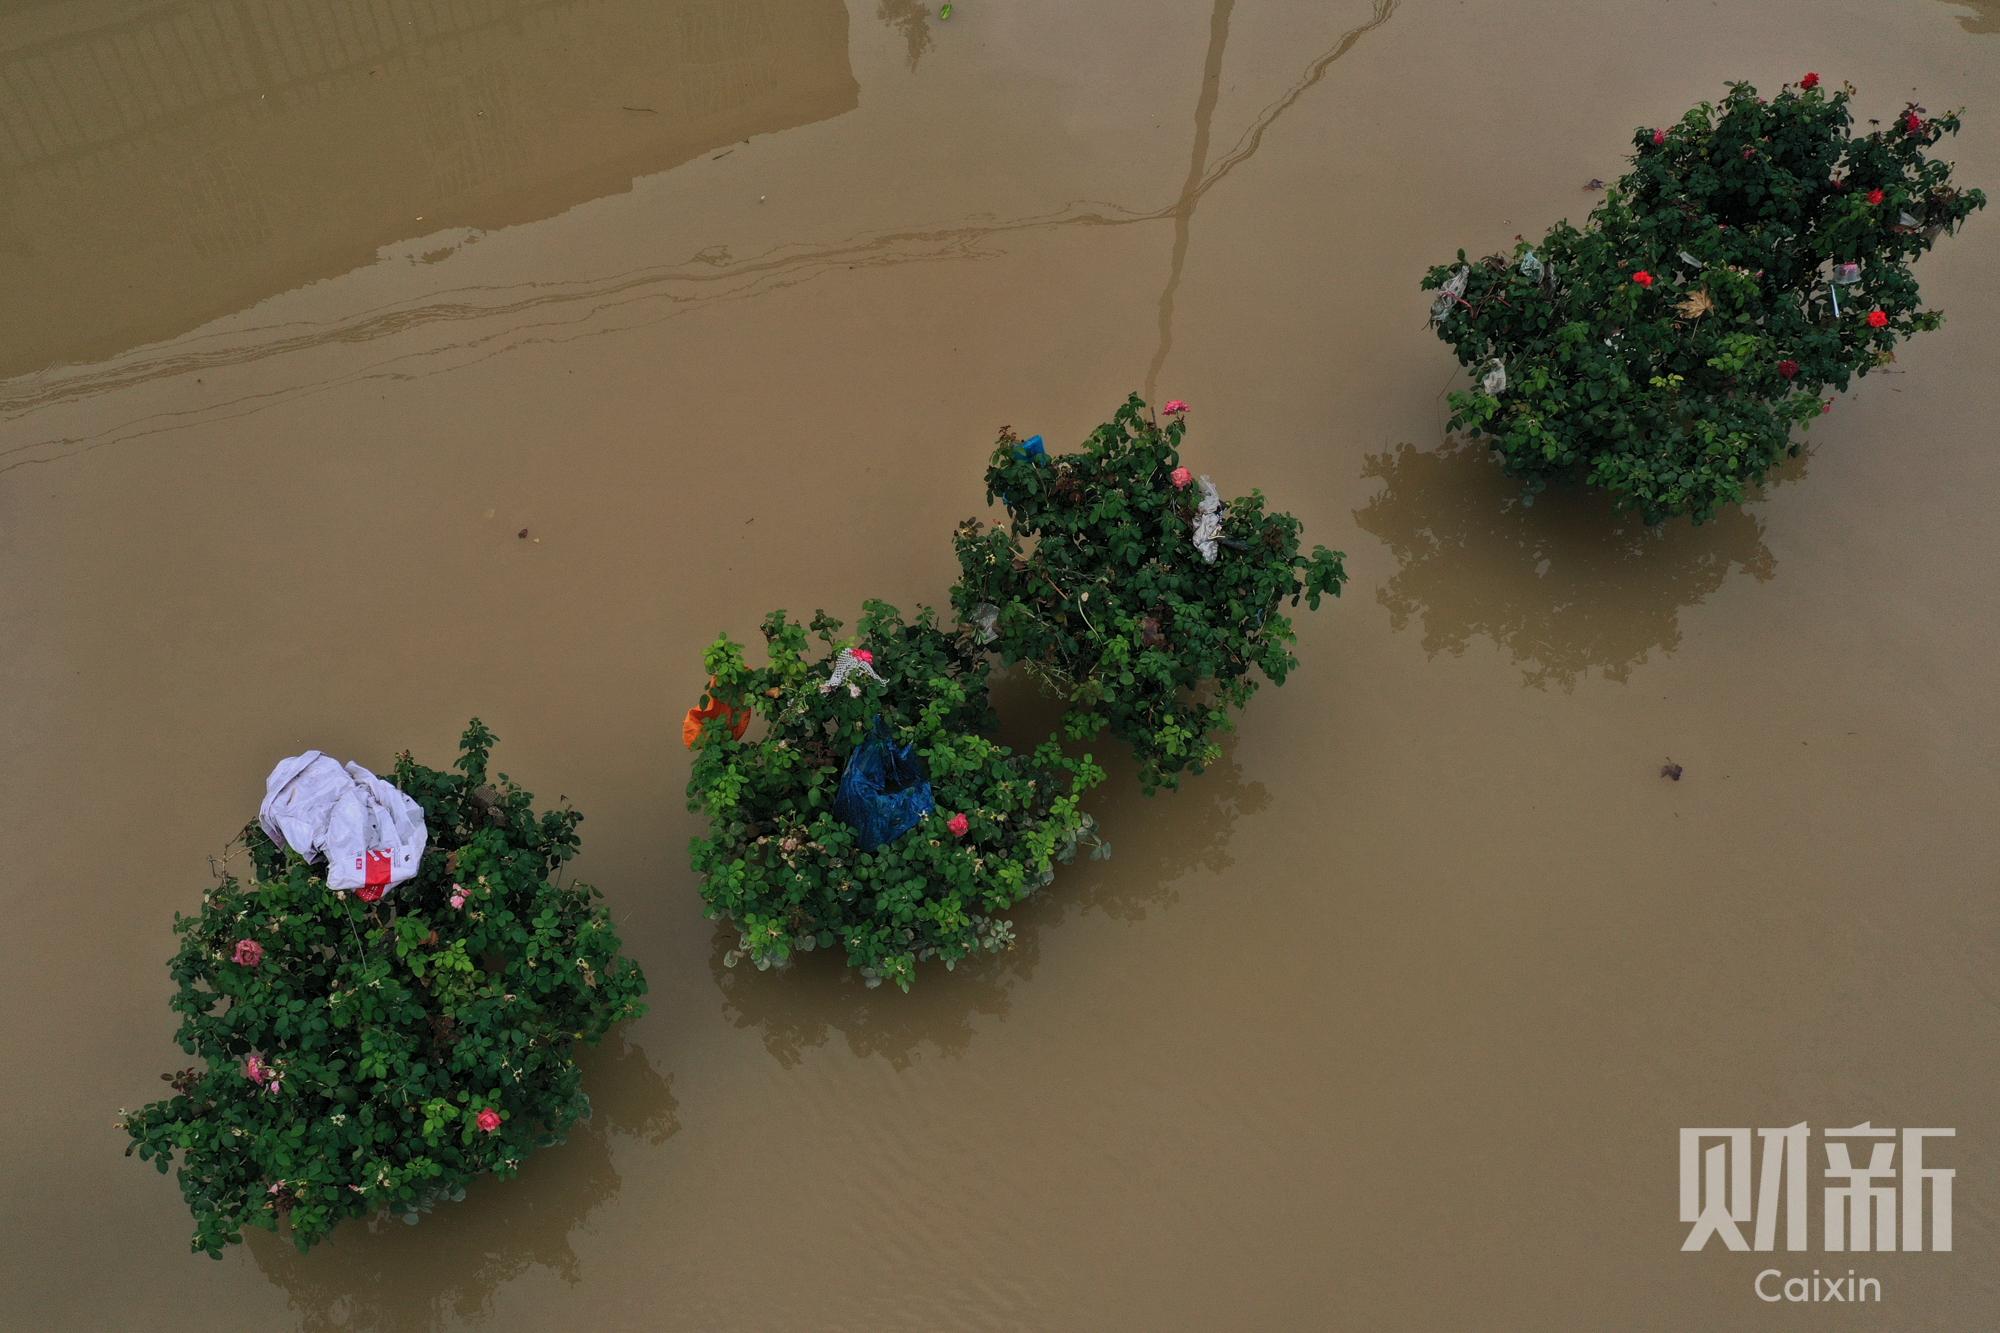 数字说|郑州暴雨这天 他们讲述了自己的遭遇